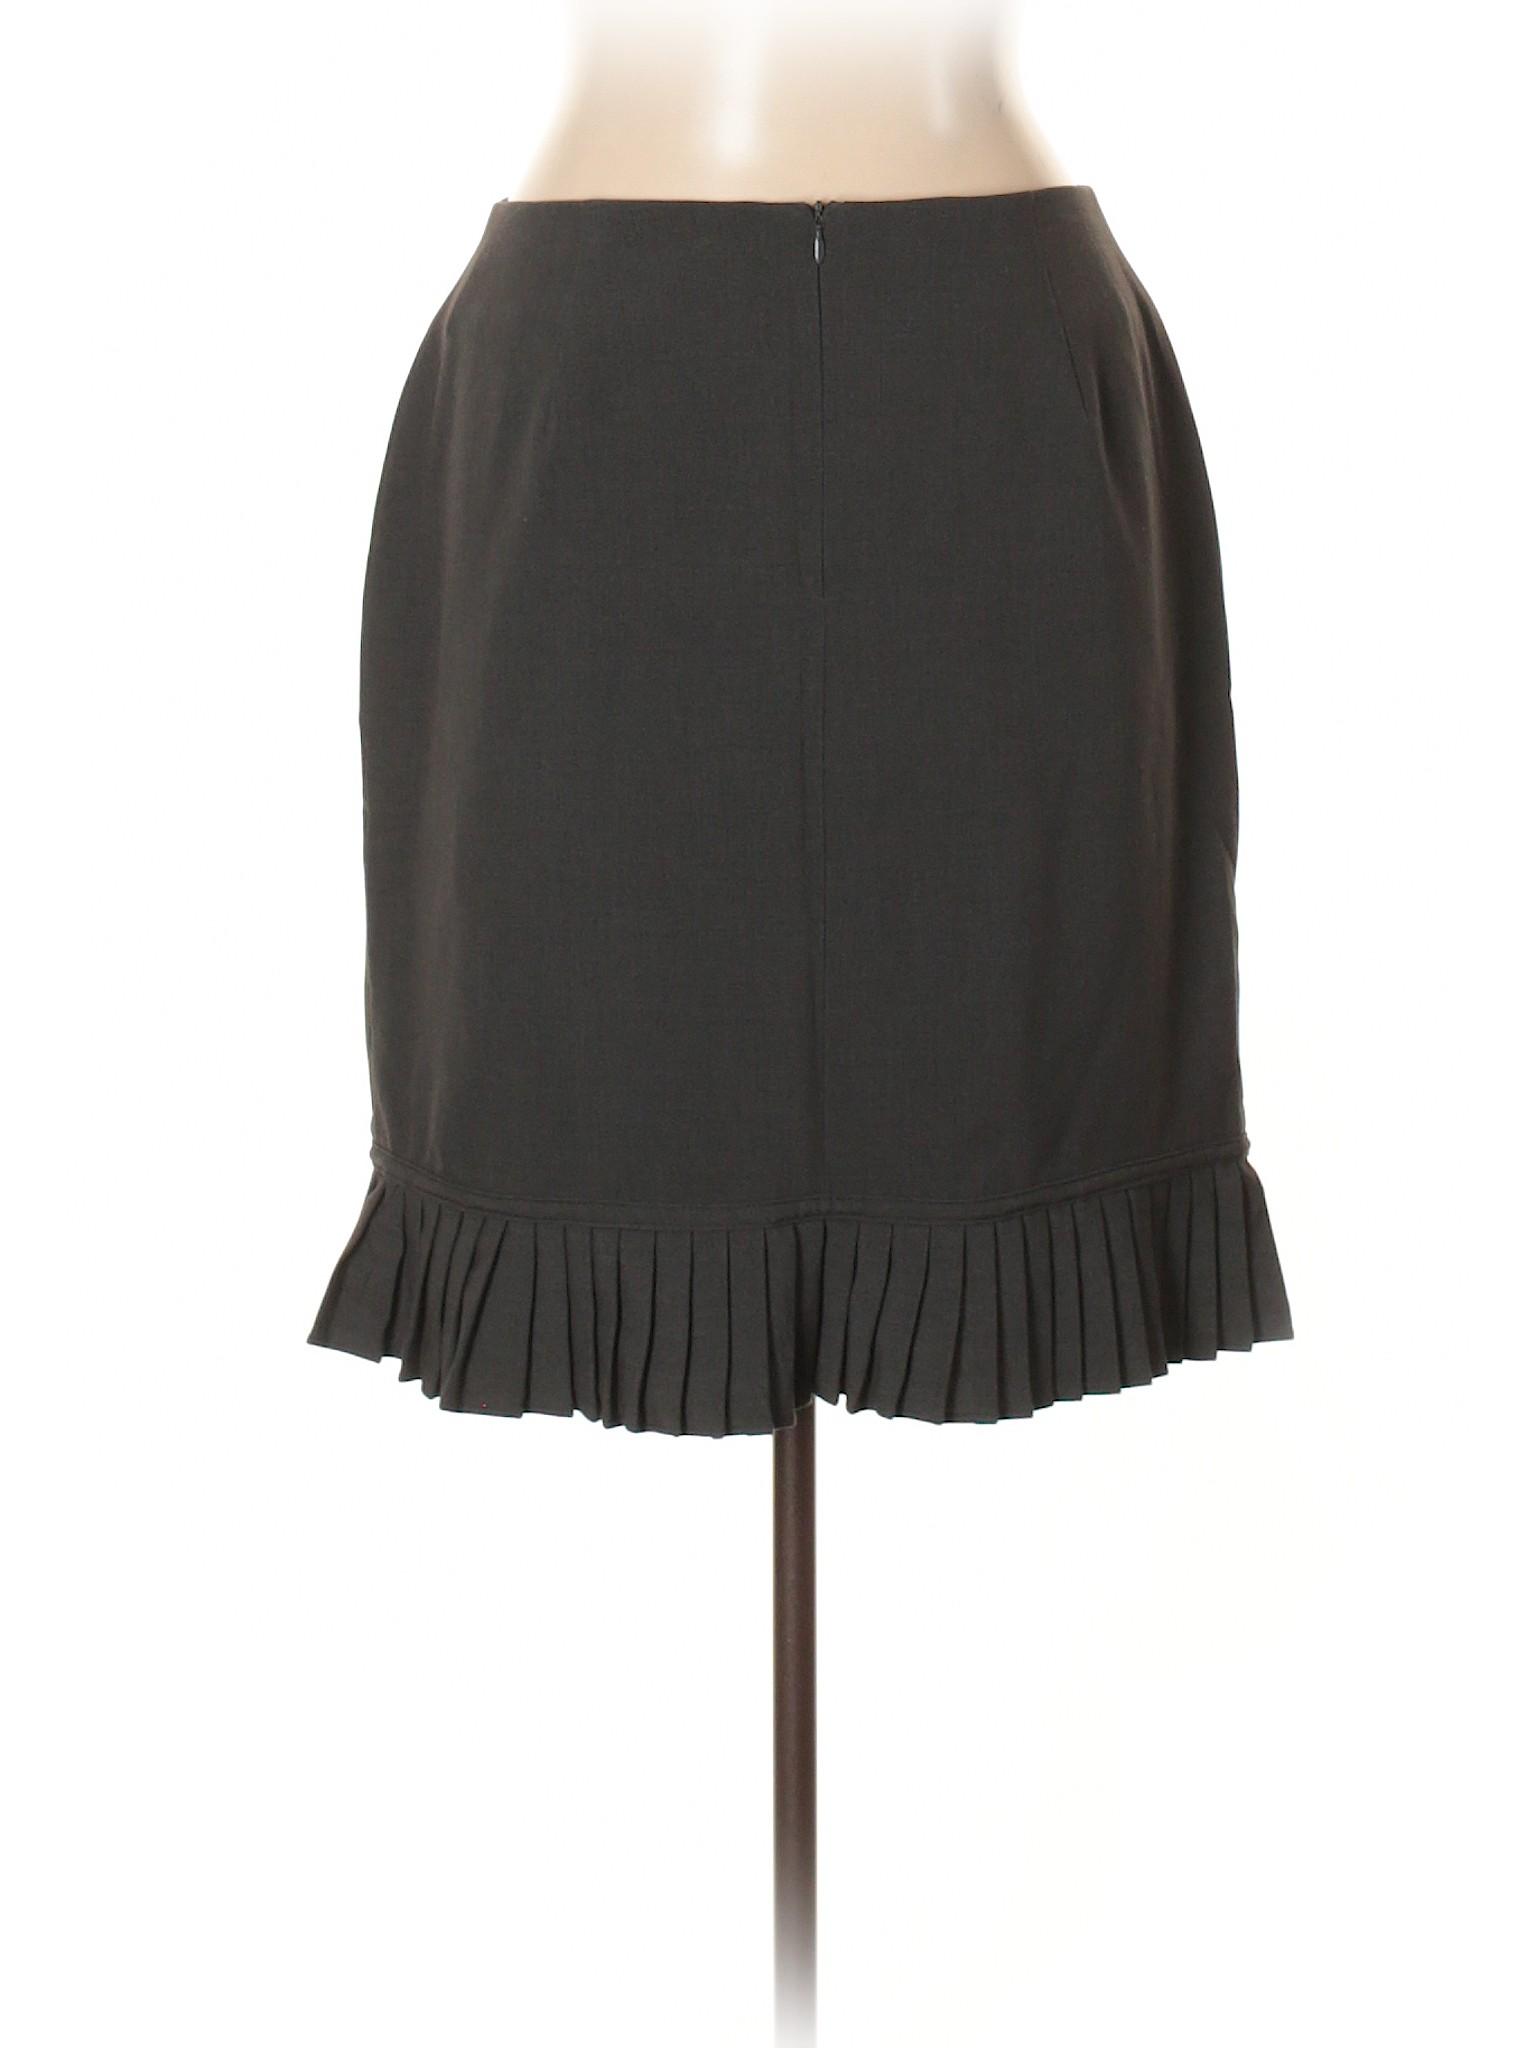 Boutique Versailles Skirt Boutique leisure leisure Casual 5qw8BzzO